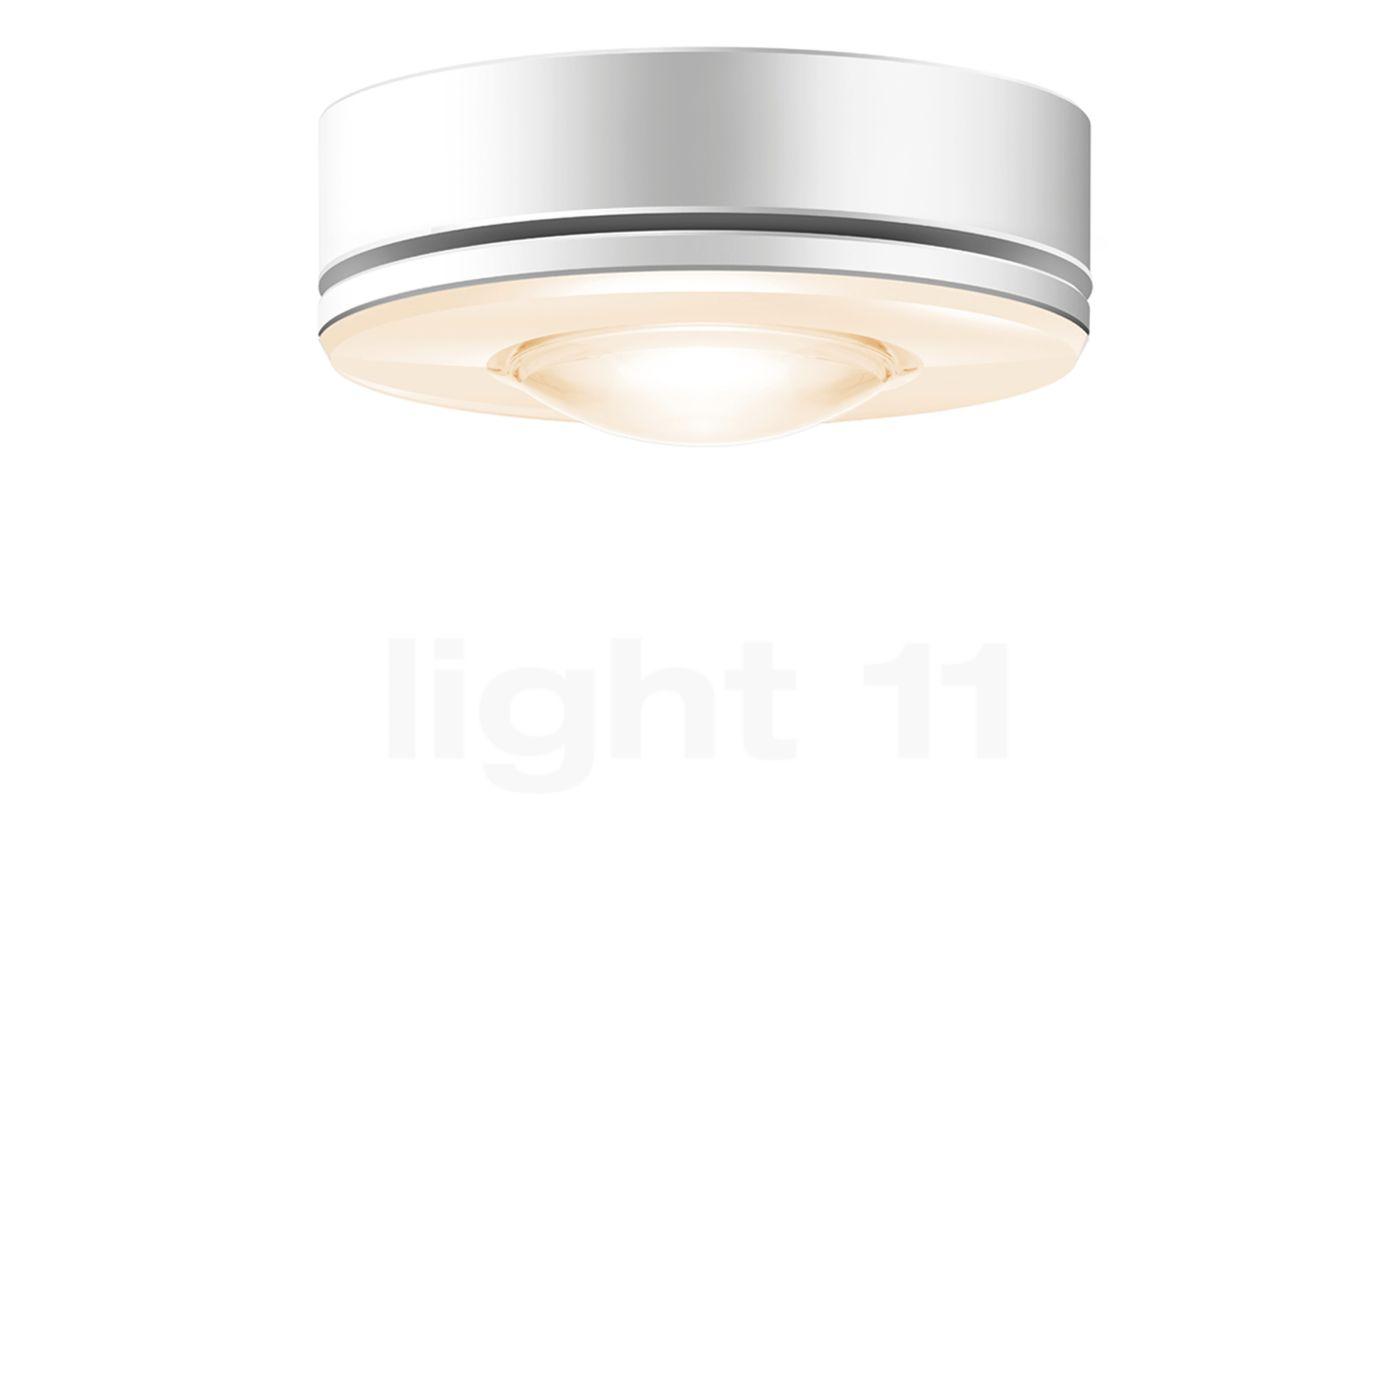 Bruck Euclid Deckenleuchte LED Niedervolt, weiß 100872ws